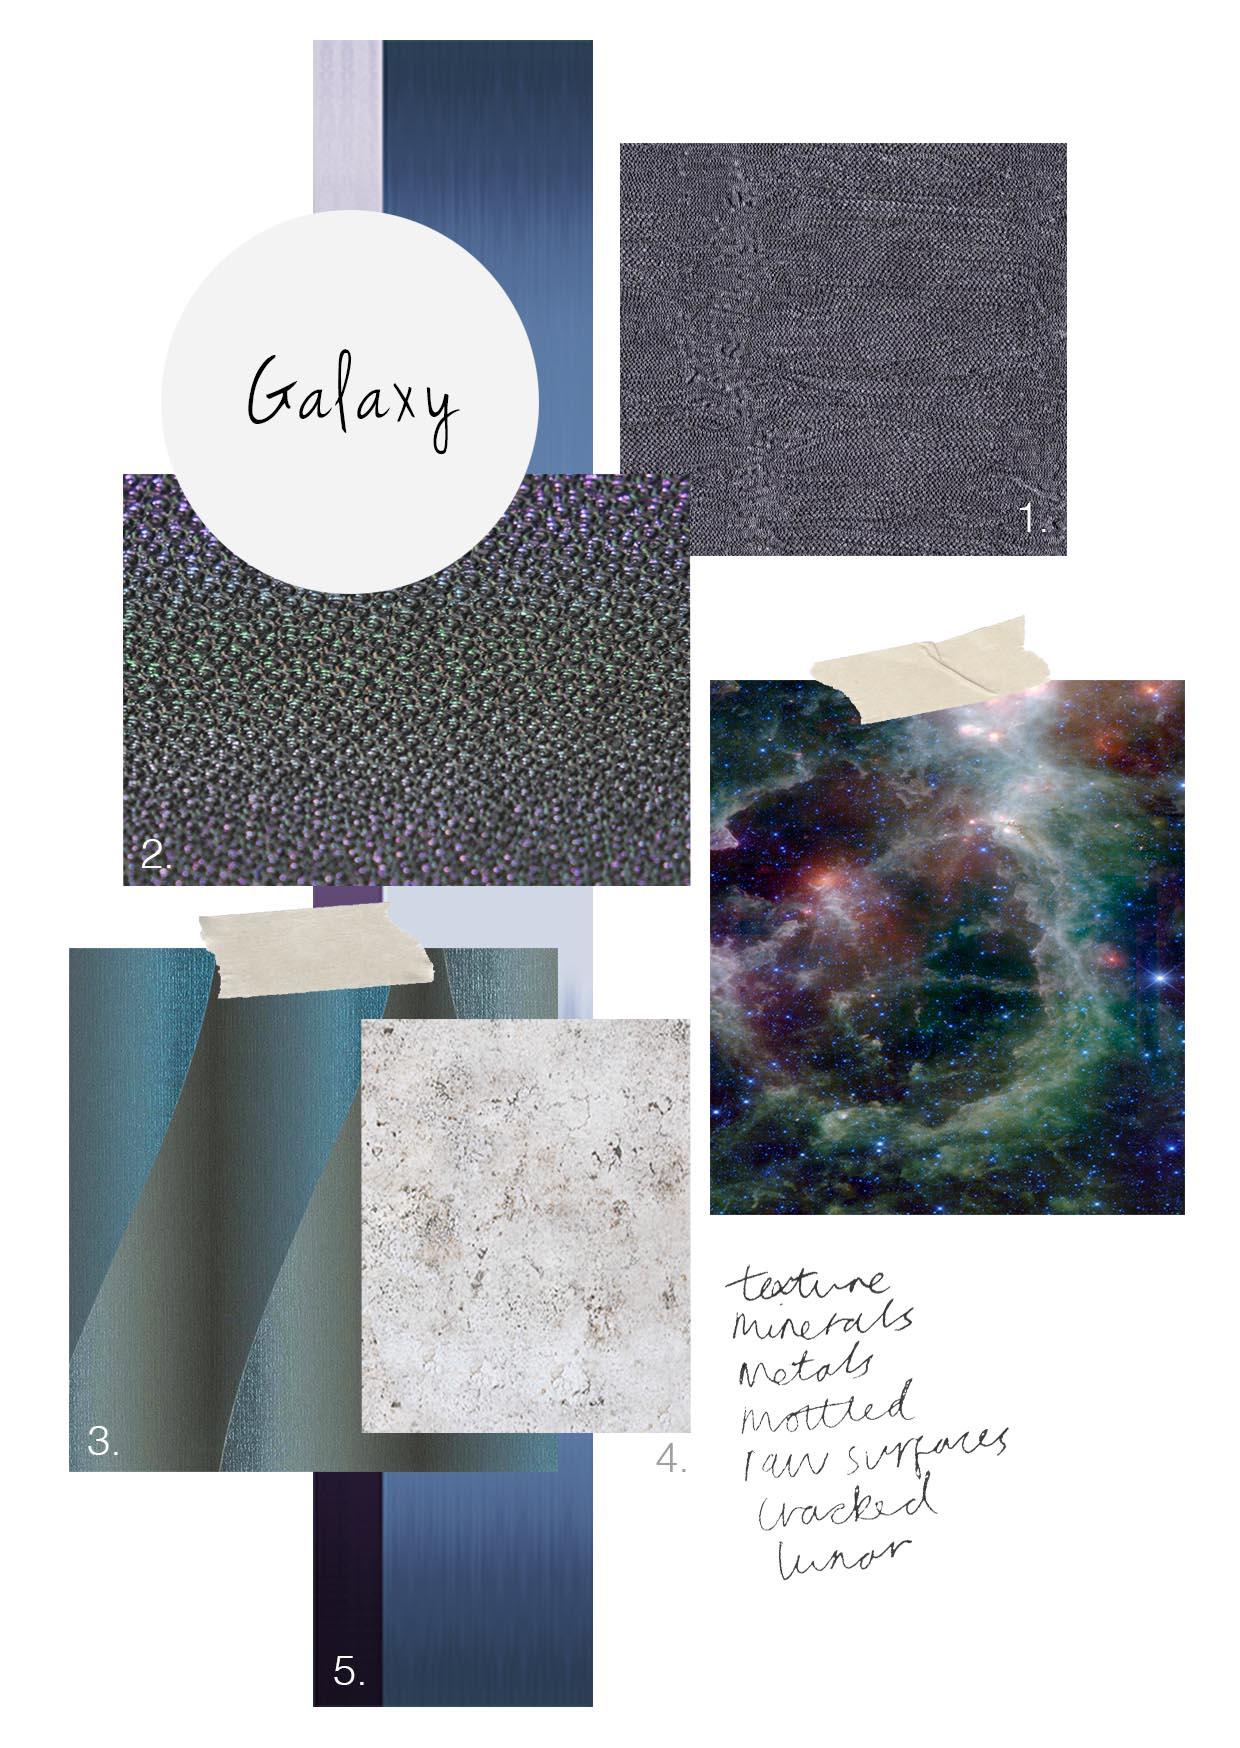 galaxy-postcard-1